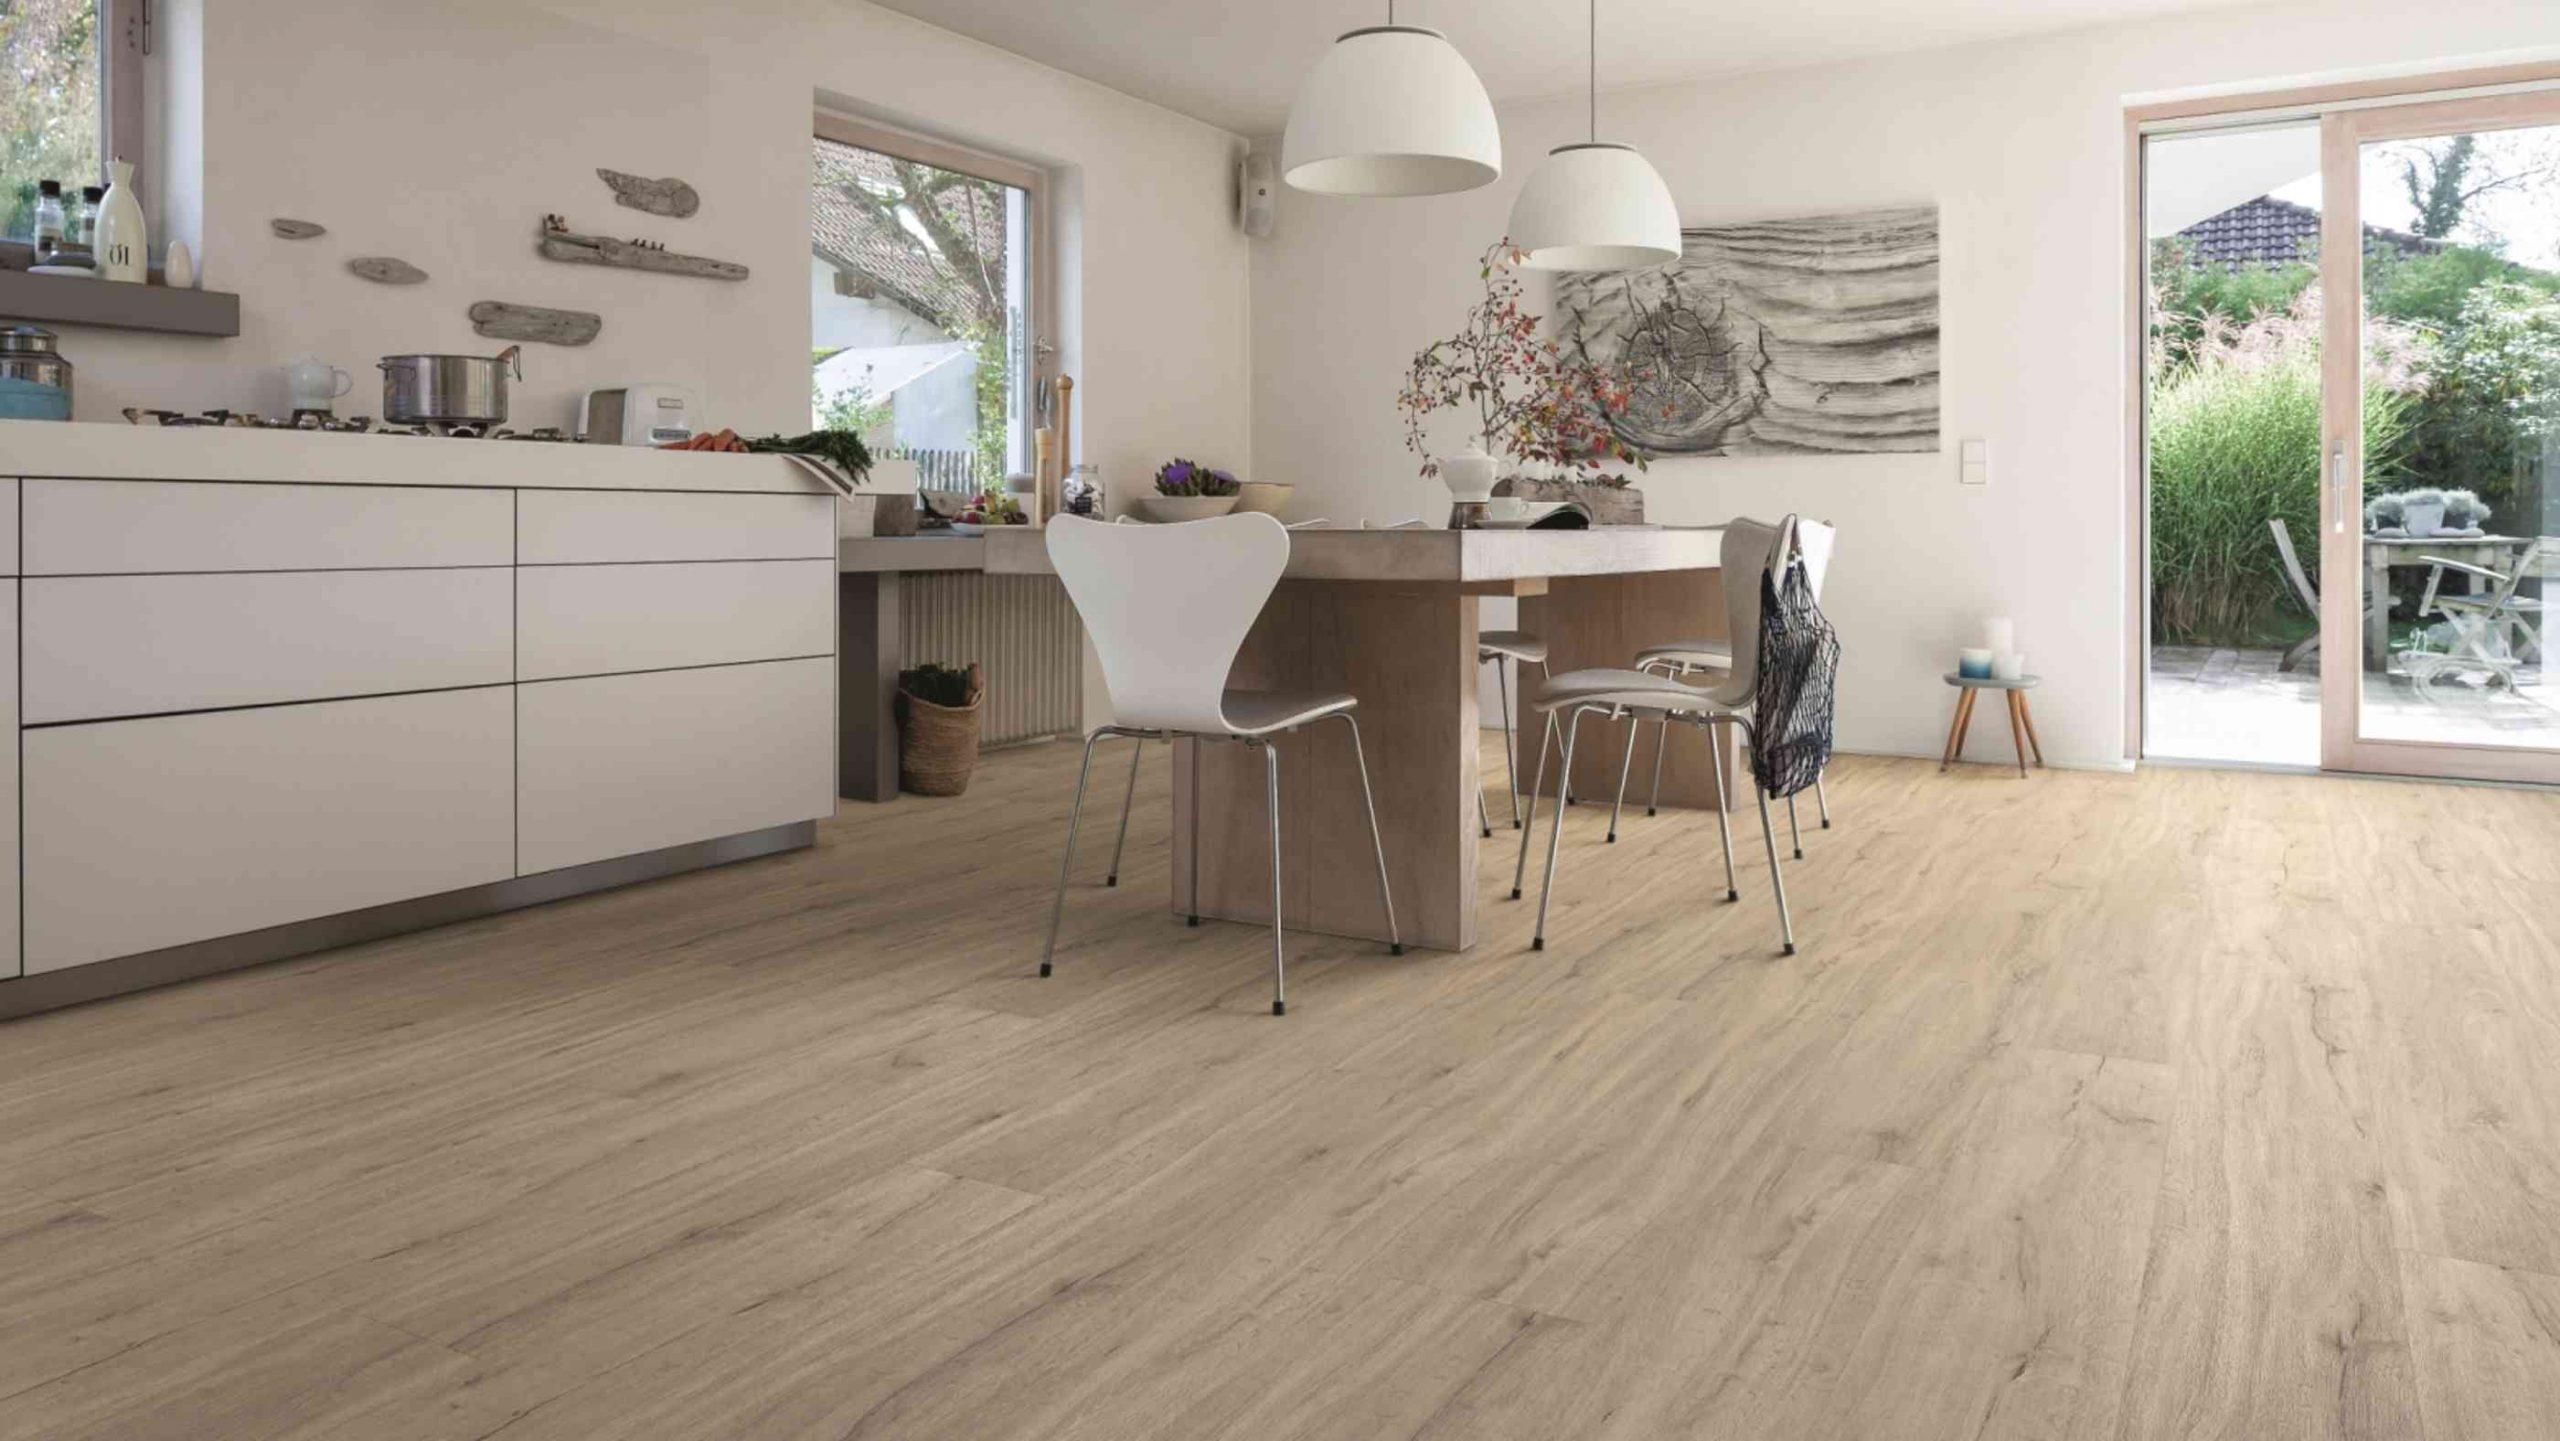 Full Size of Vinylboden Küche Grau Vinylboden Küche Erfahrungen Vinylboden Küche Steinoptik Vinylboden Küche Auf Fliesen Verlegen Küche Vinylboden Küche